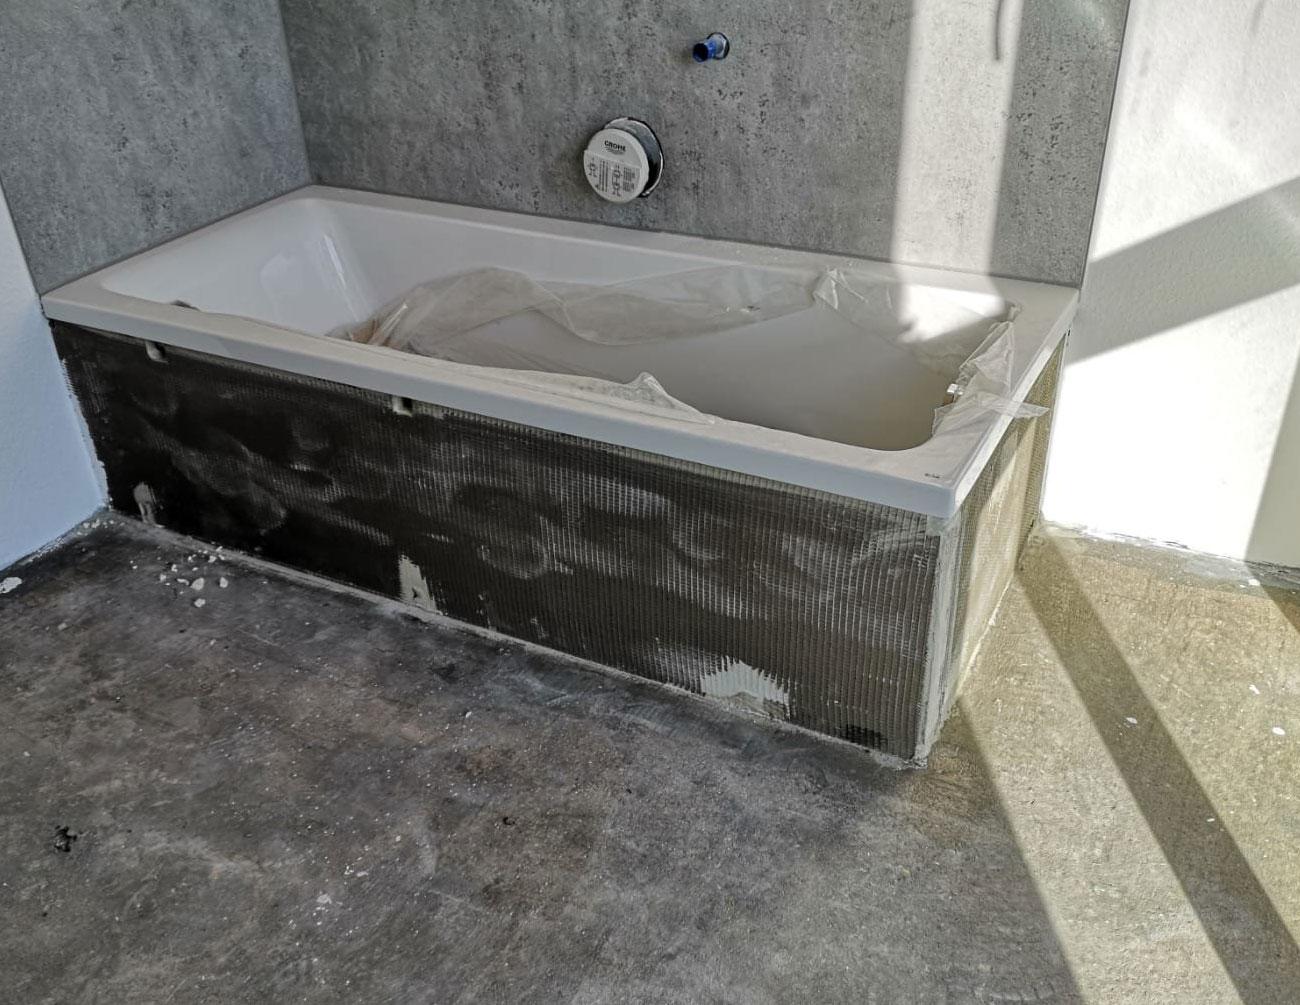 Habillage de baignoire en vinyle, avant | Références | marx Holzhandel, Neuried